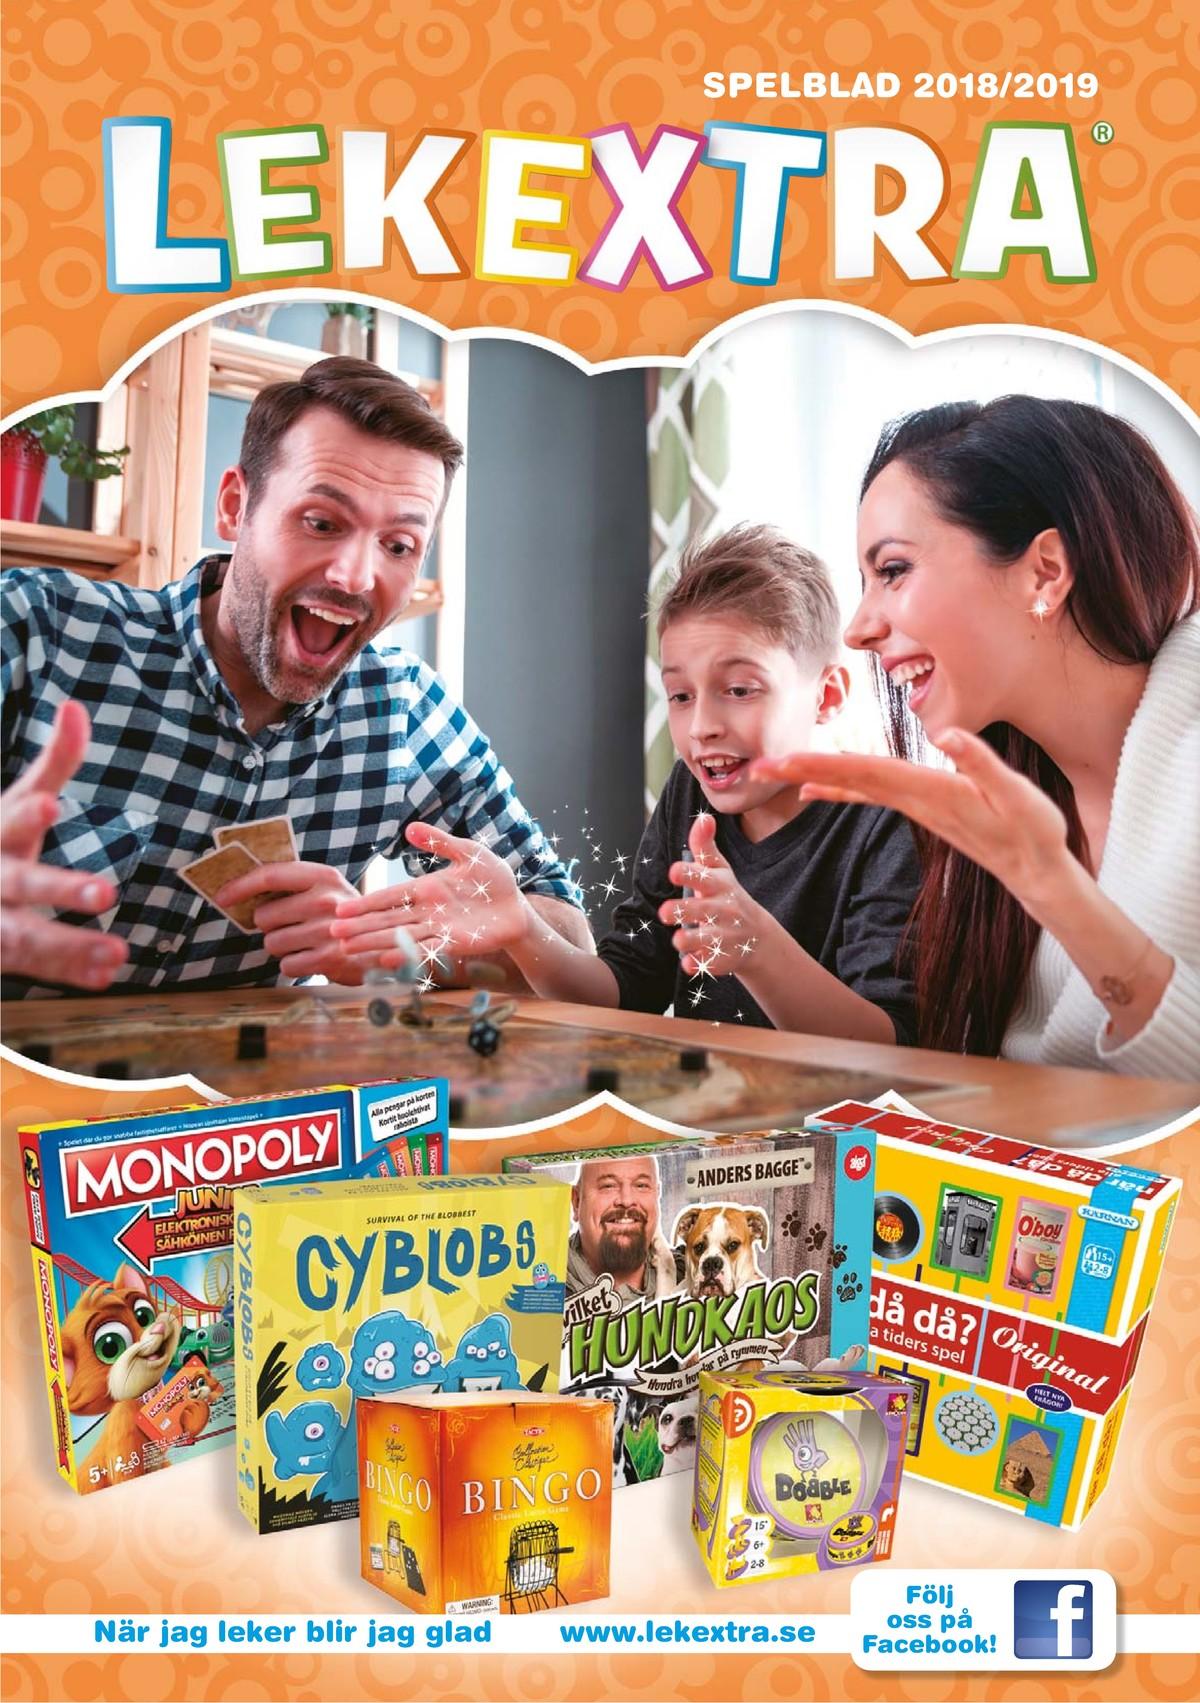 Se LEKEXTRA reklamblad för vecka 8 på Kampanjveckan.se. Här finna du bra erbjudanden på många varor. Läs reklambladet här! Sida 1